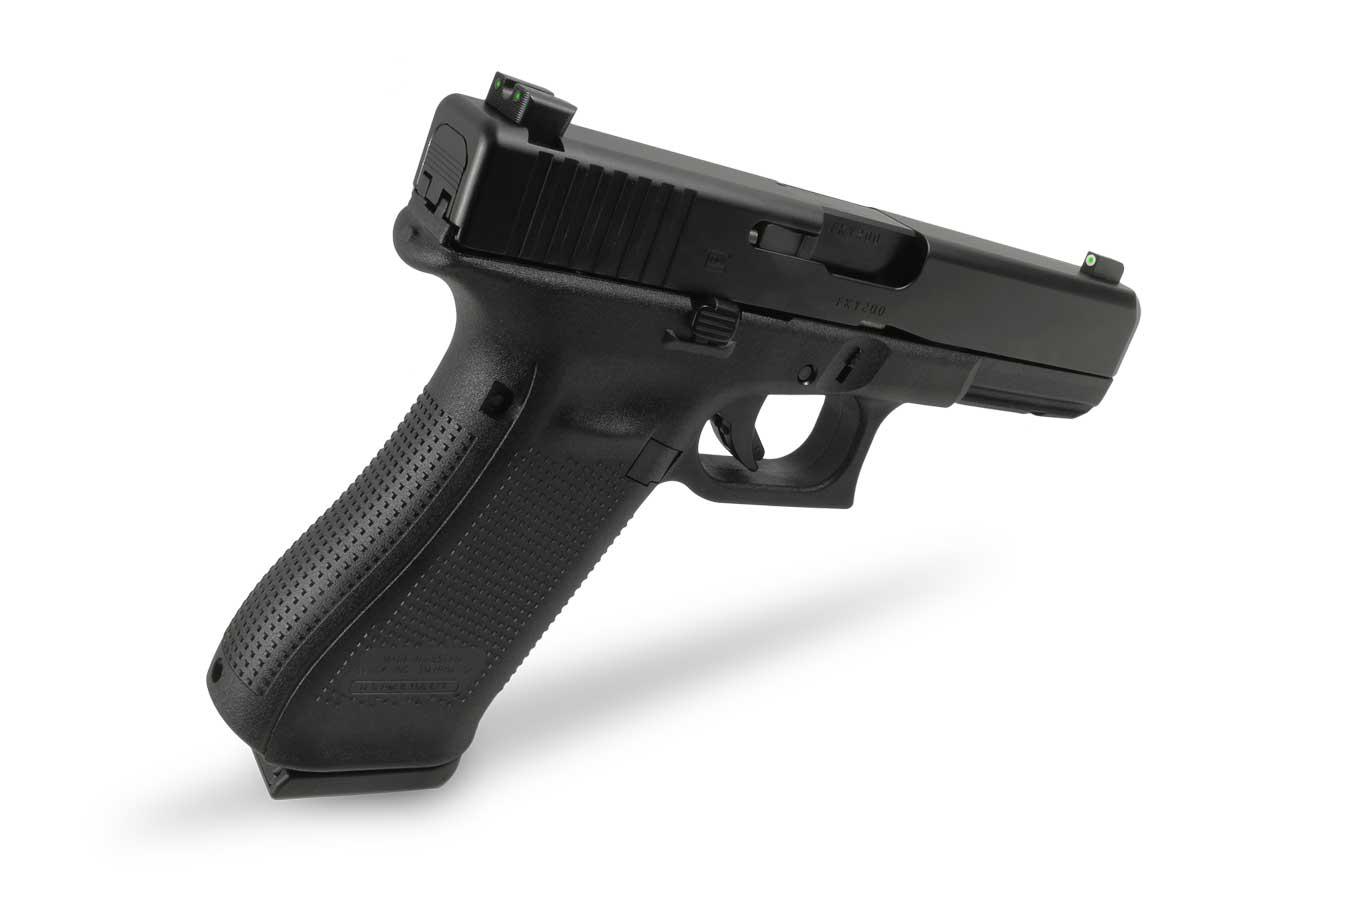 TruGlo Tritium Pro sight on Glock Gen 5 Pistol